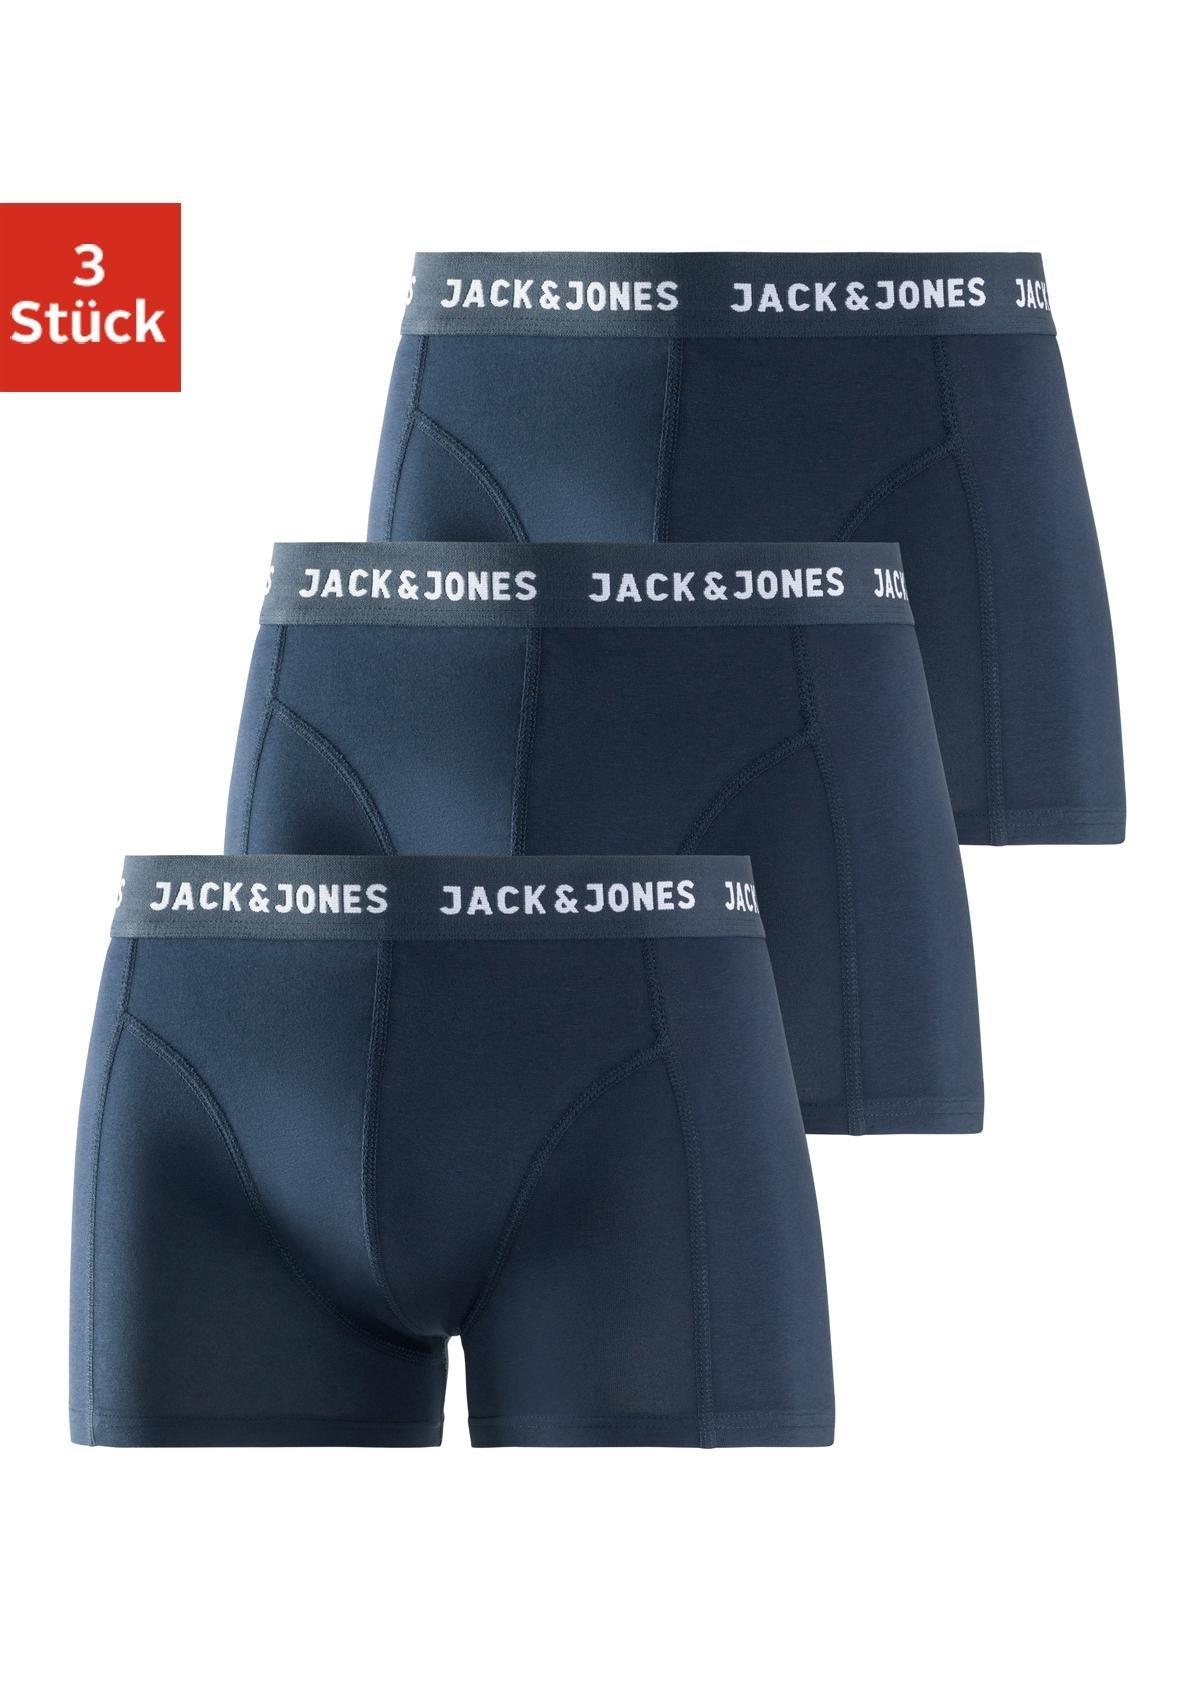 Jack & Jones boxershort met logo-weefband (3 stuks) voordelig en veilig online kopen